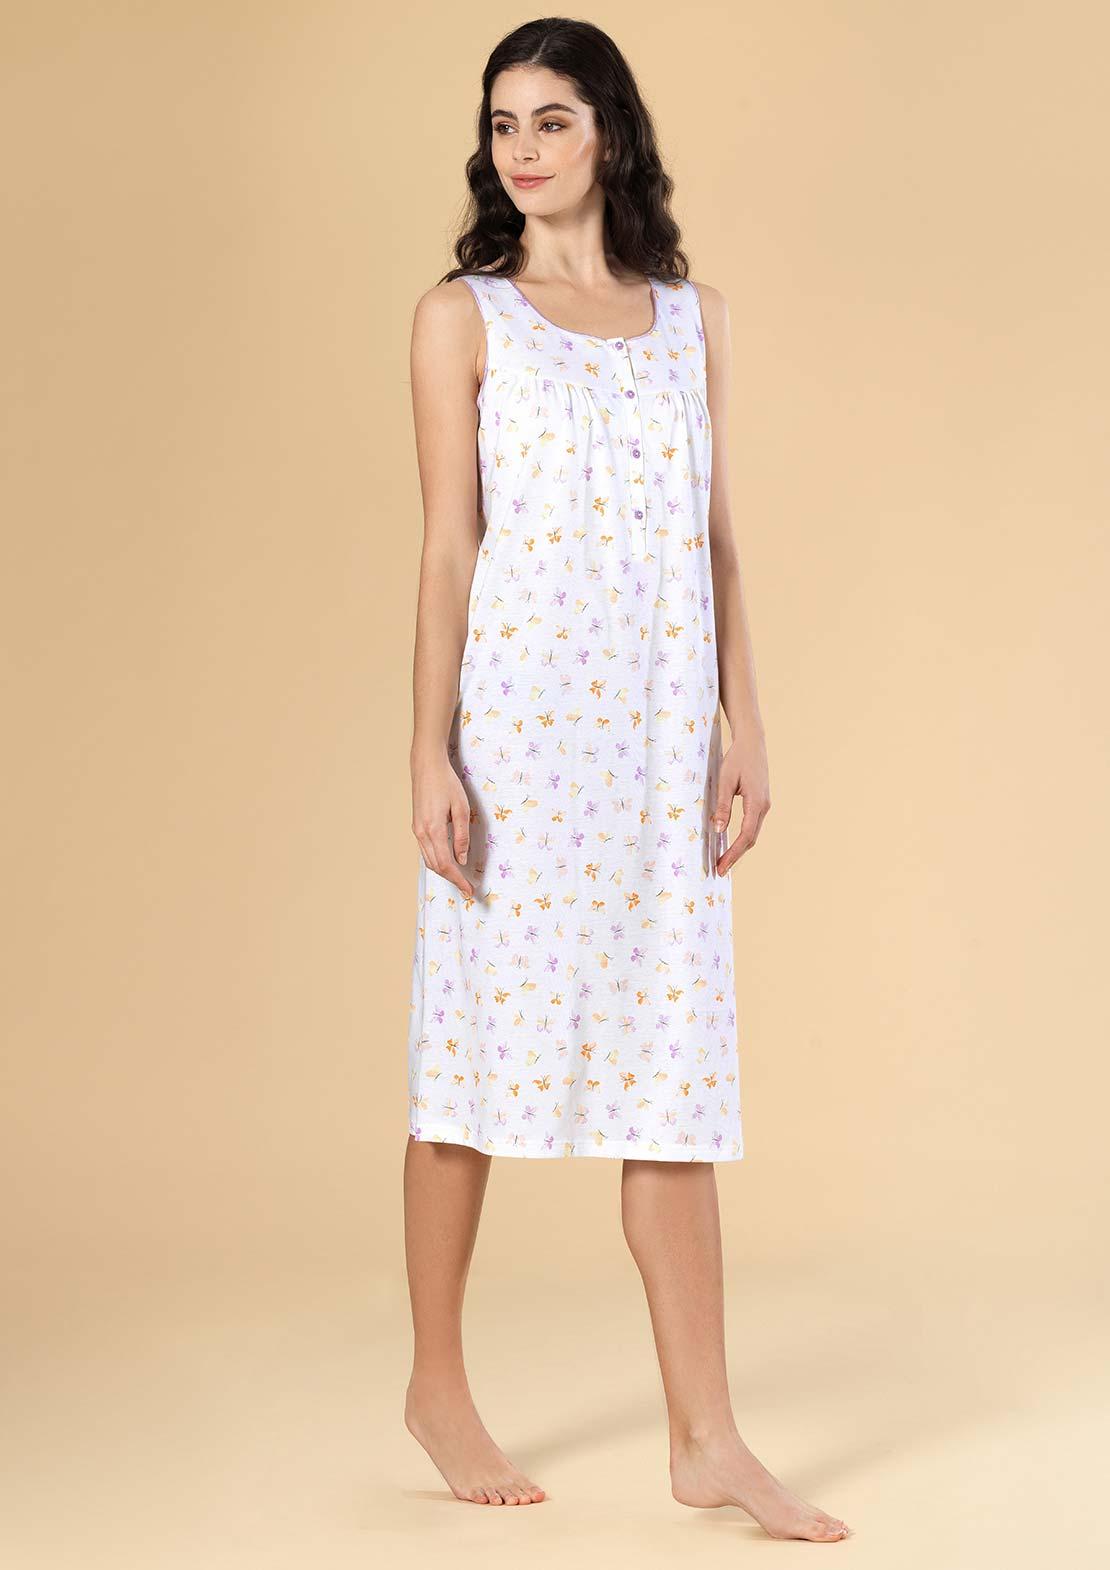 Ночная сорочка Dominique Цвет: Белый (46) Linclalor lin510724